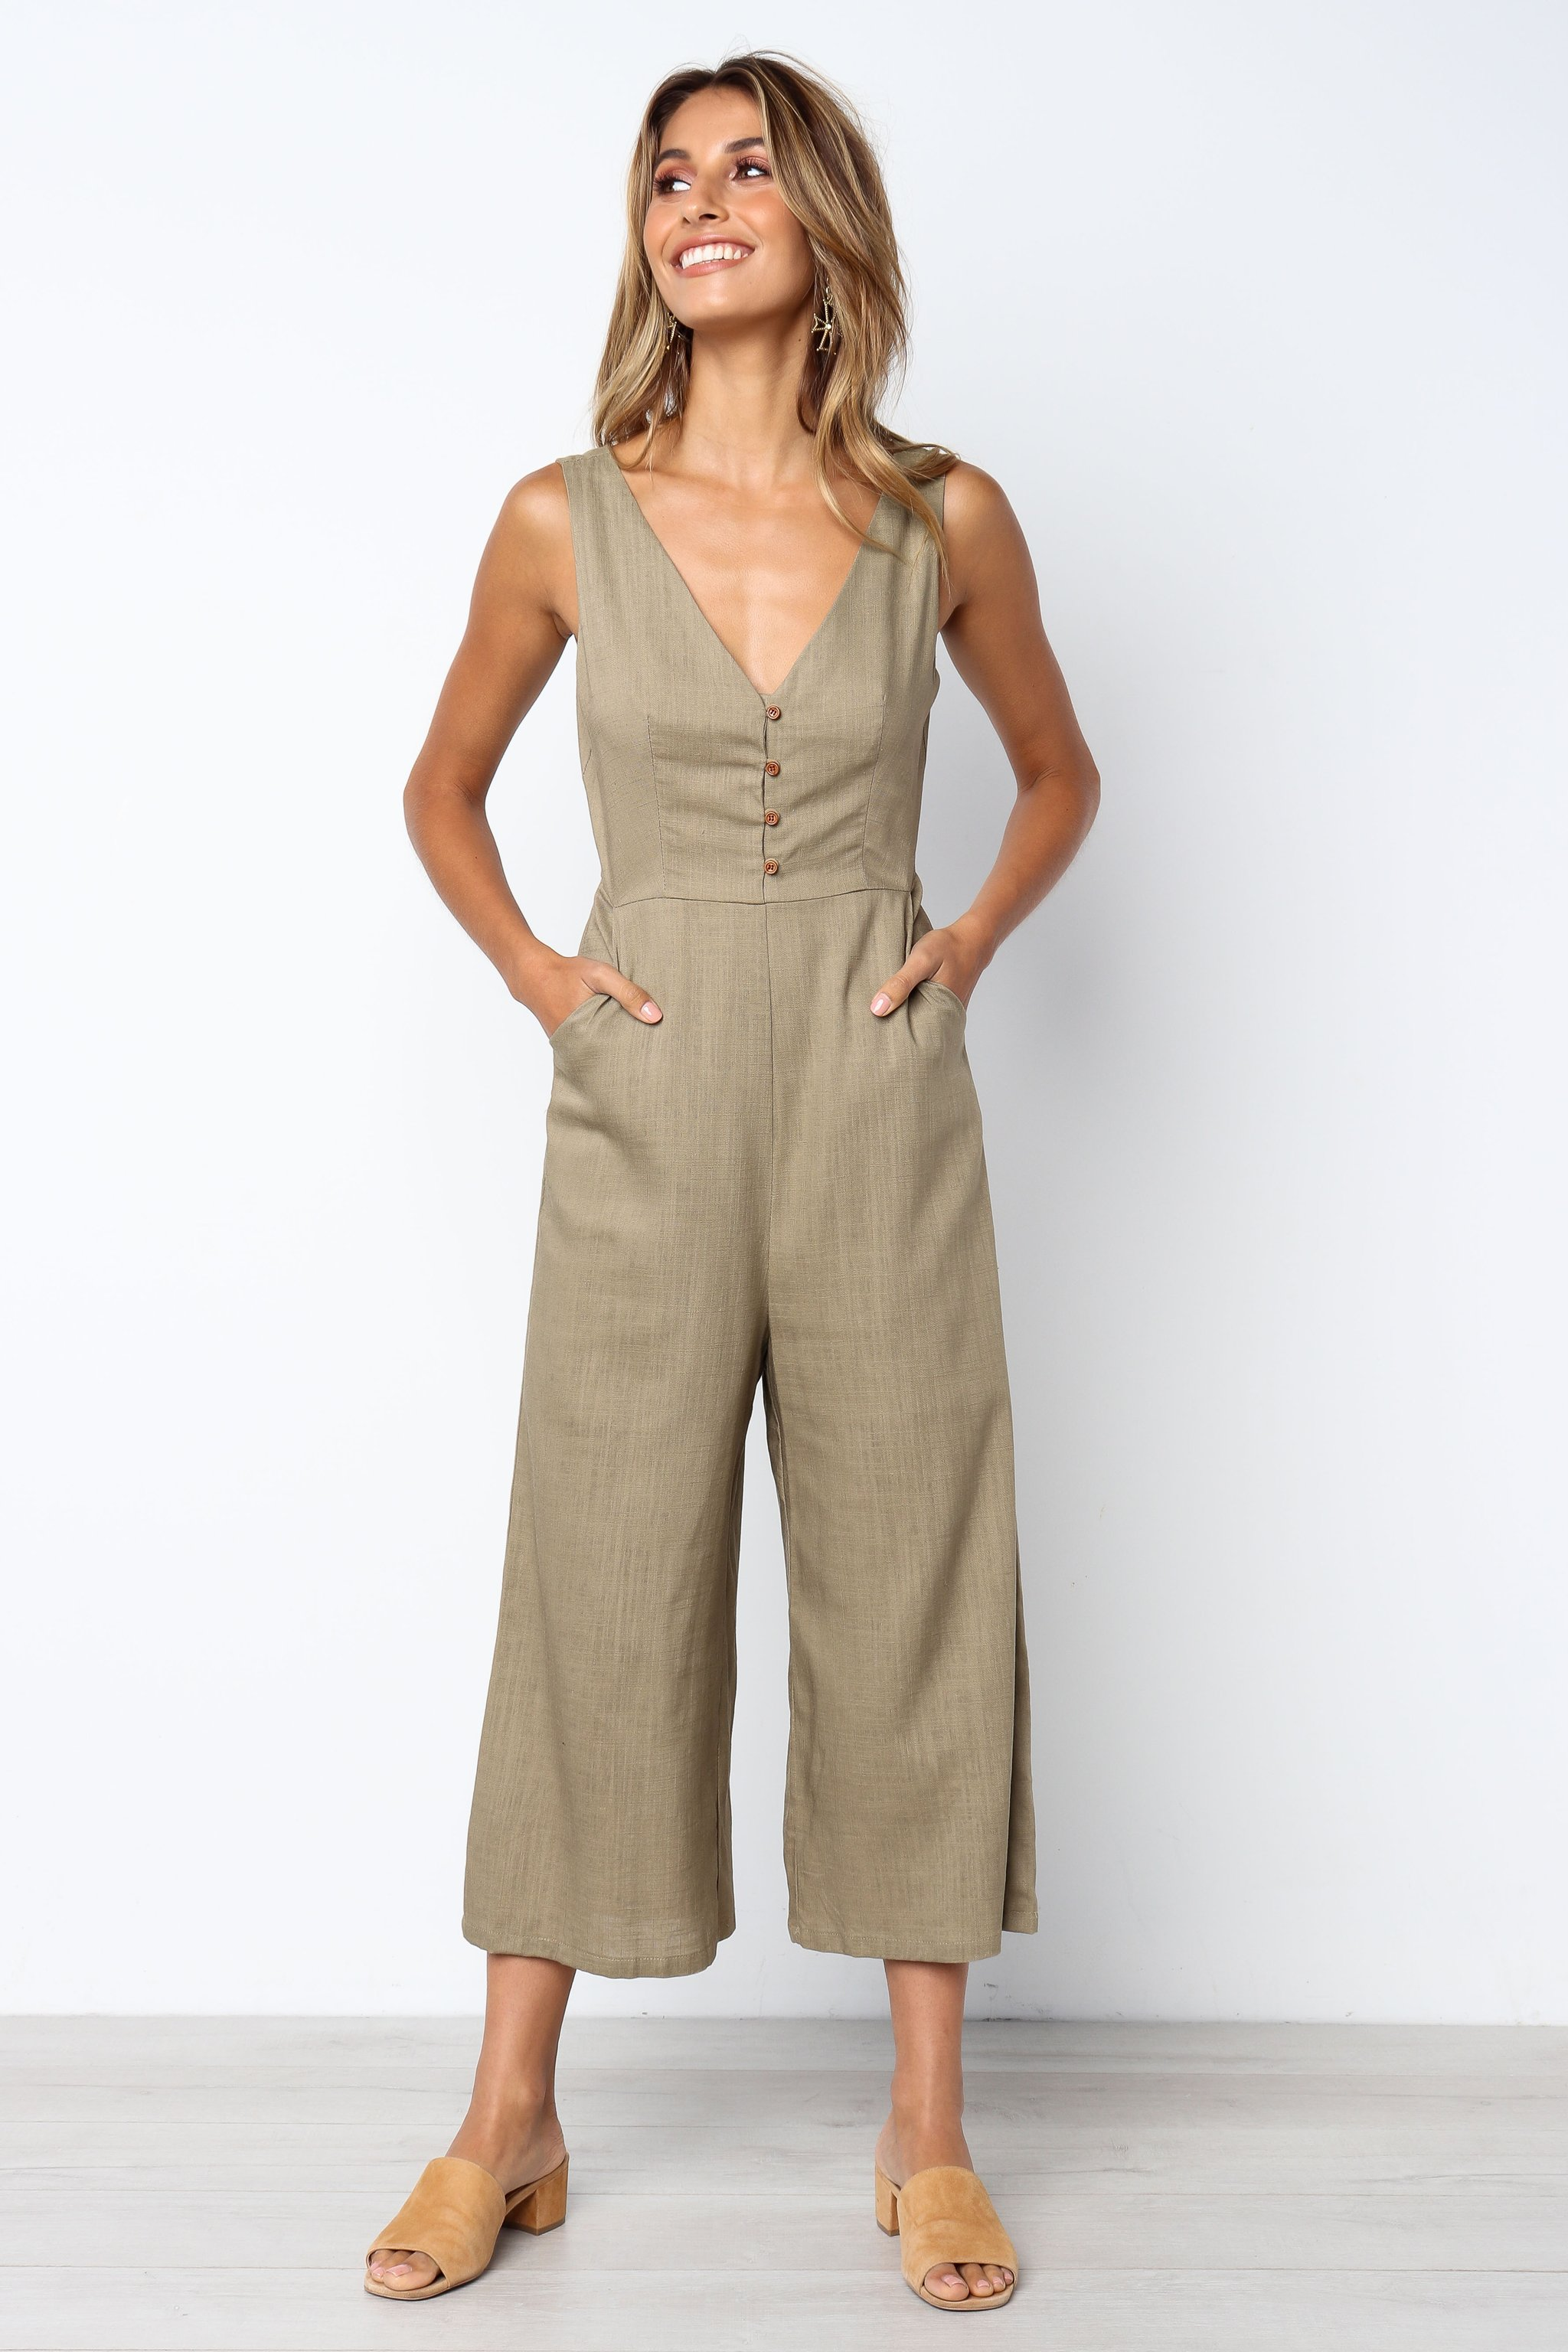 fdc5112df23 US  7.88 - Wide Legges Straps Plain Jumpsuit - www.global-lover.com